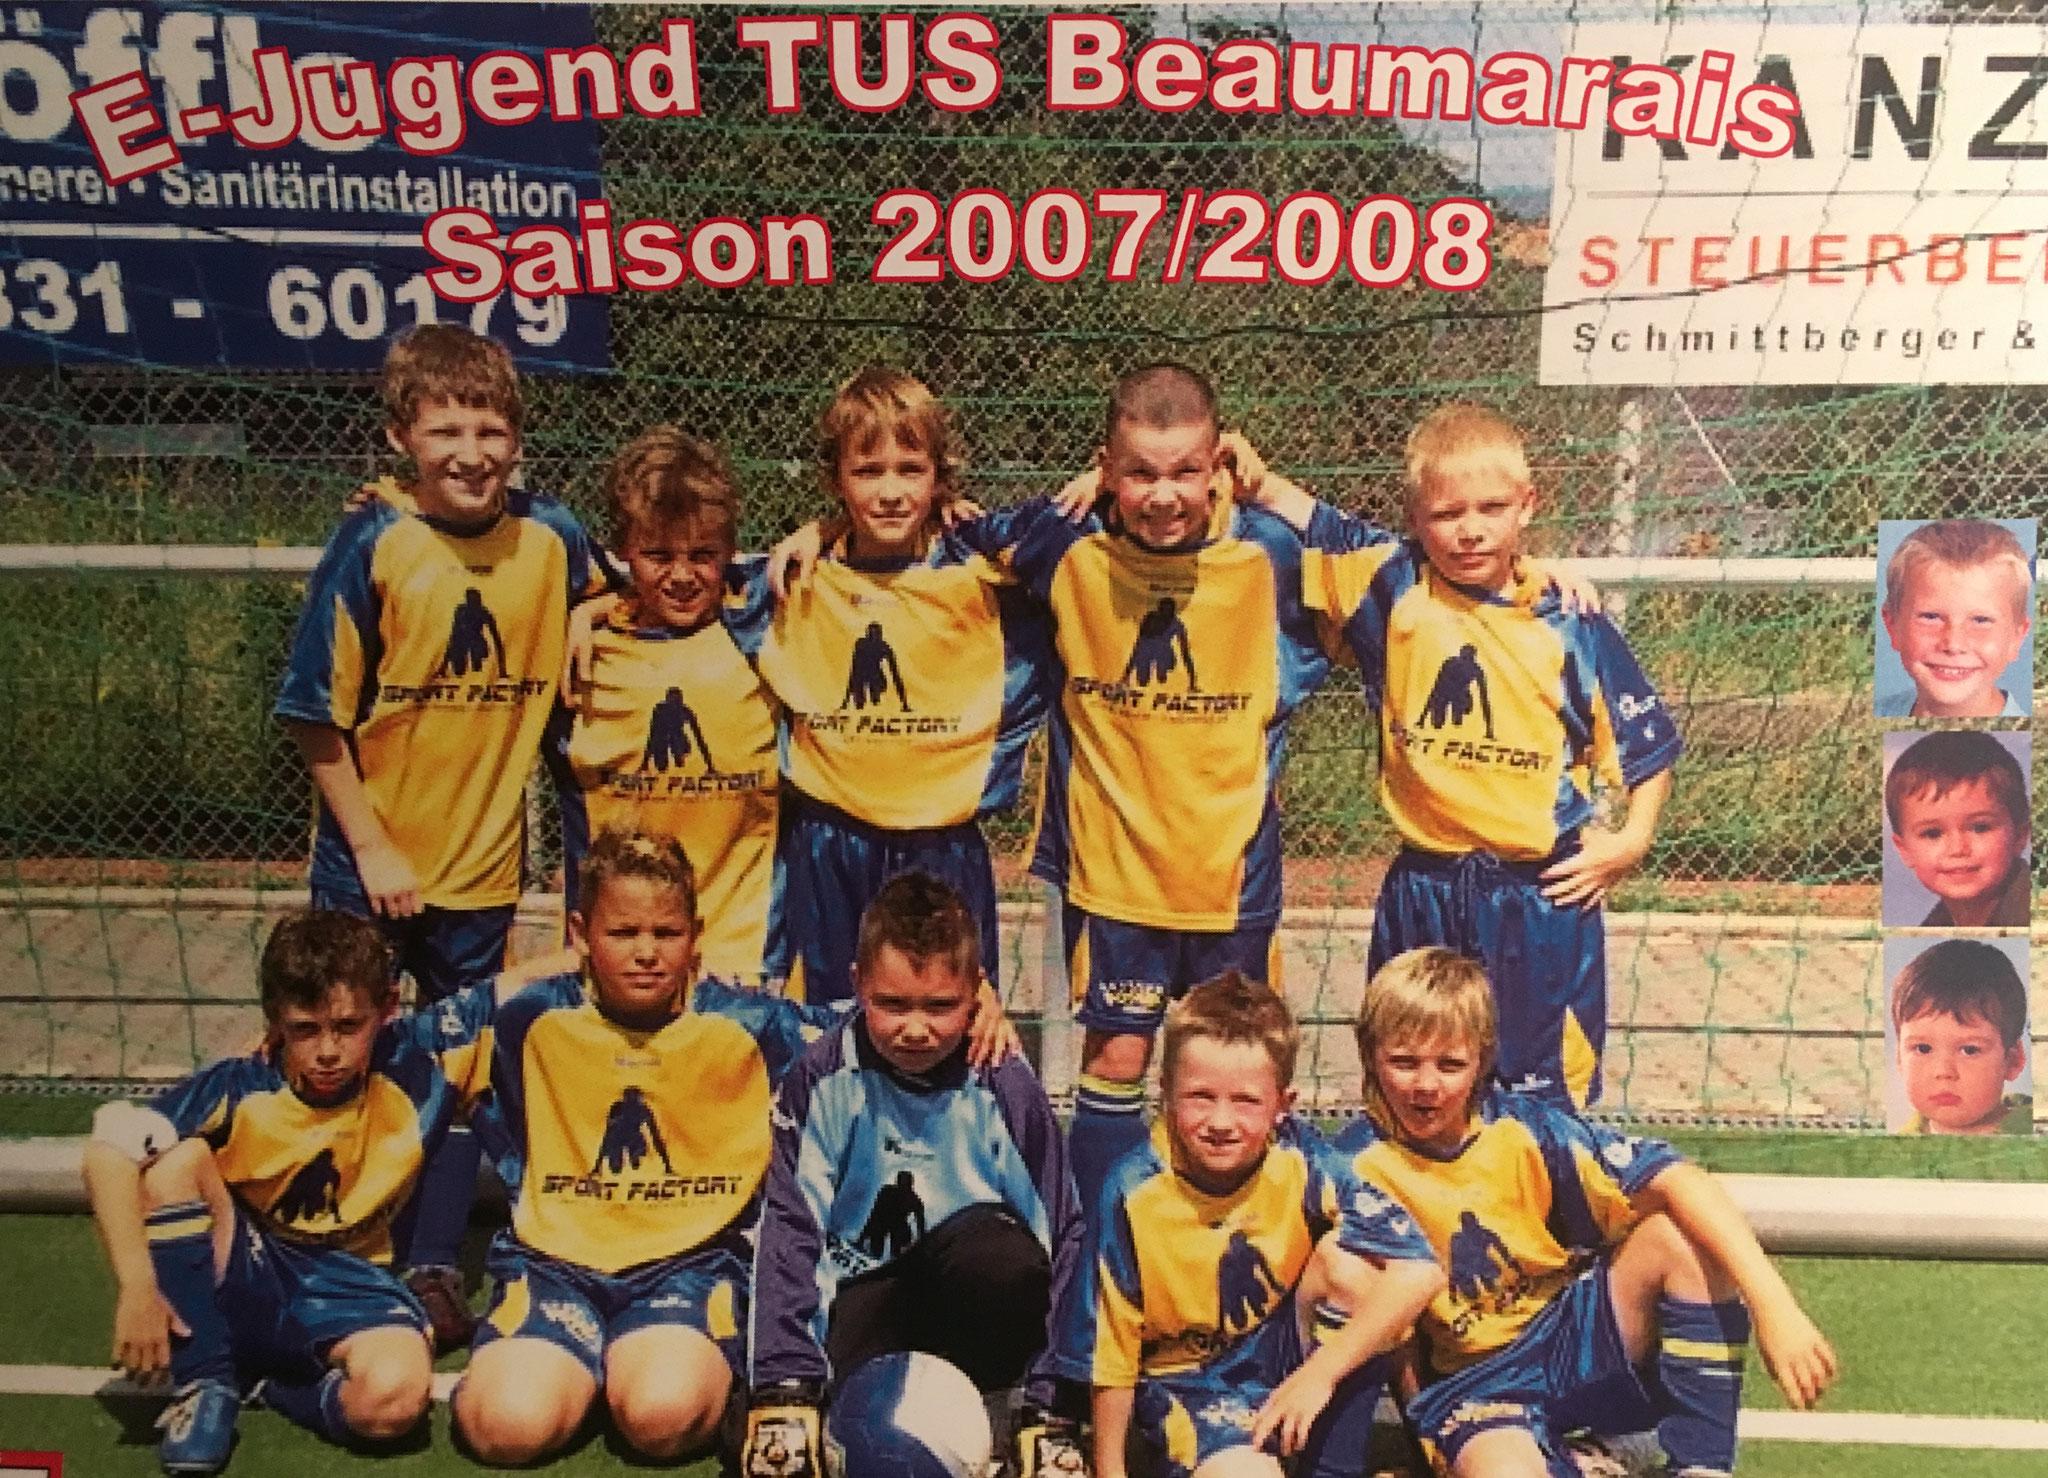 E-JUGEND 2007/08